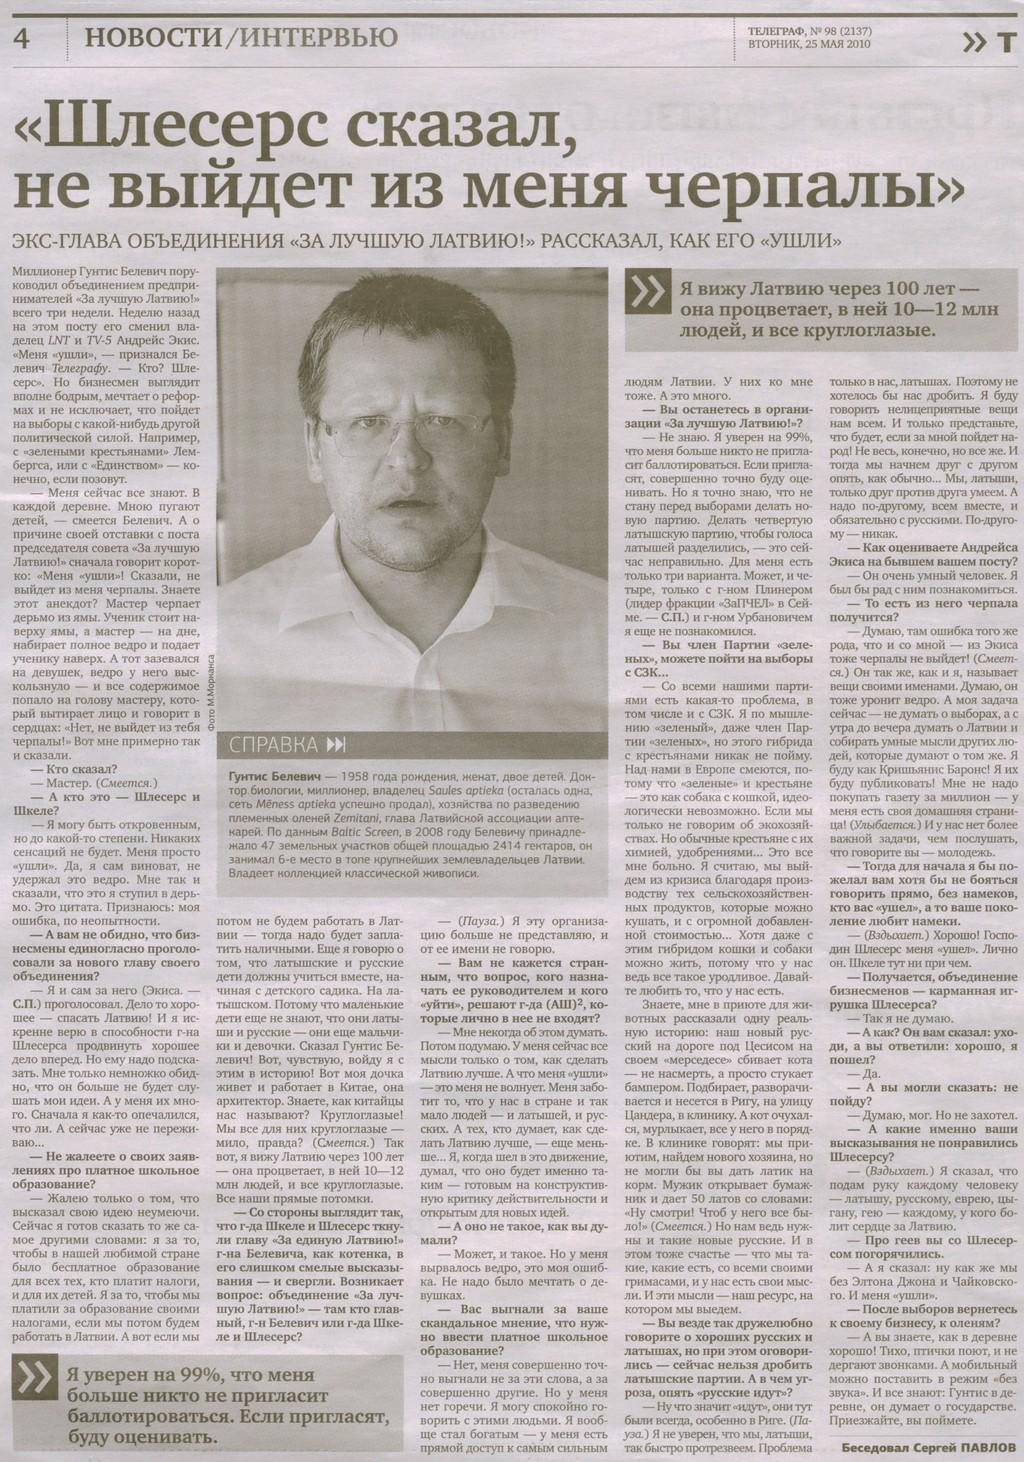 Телеграф 25.05.2010 #98 (2137) 4.lpp